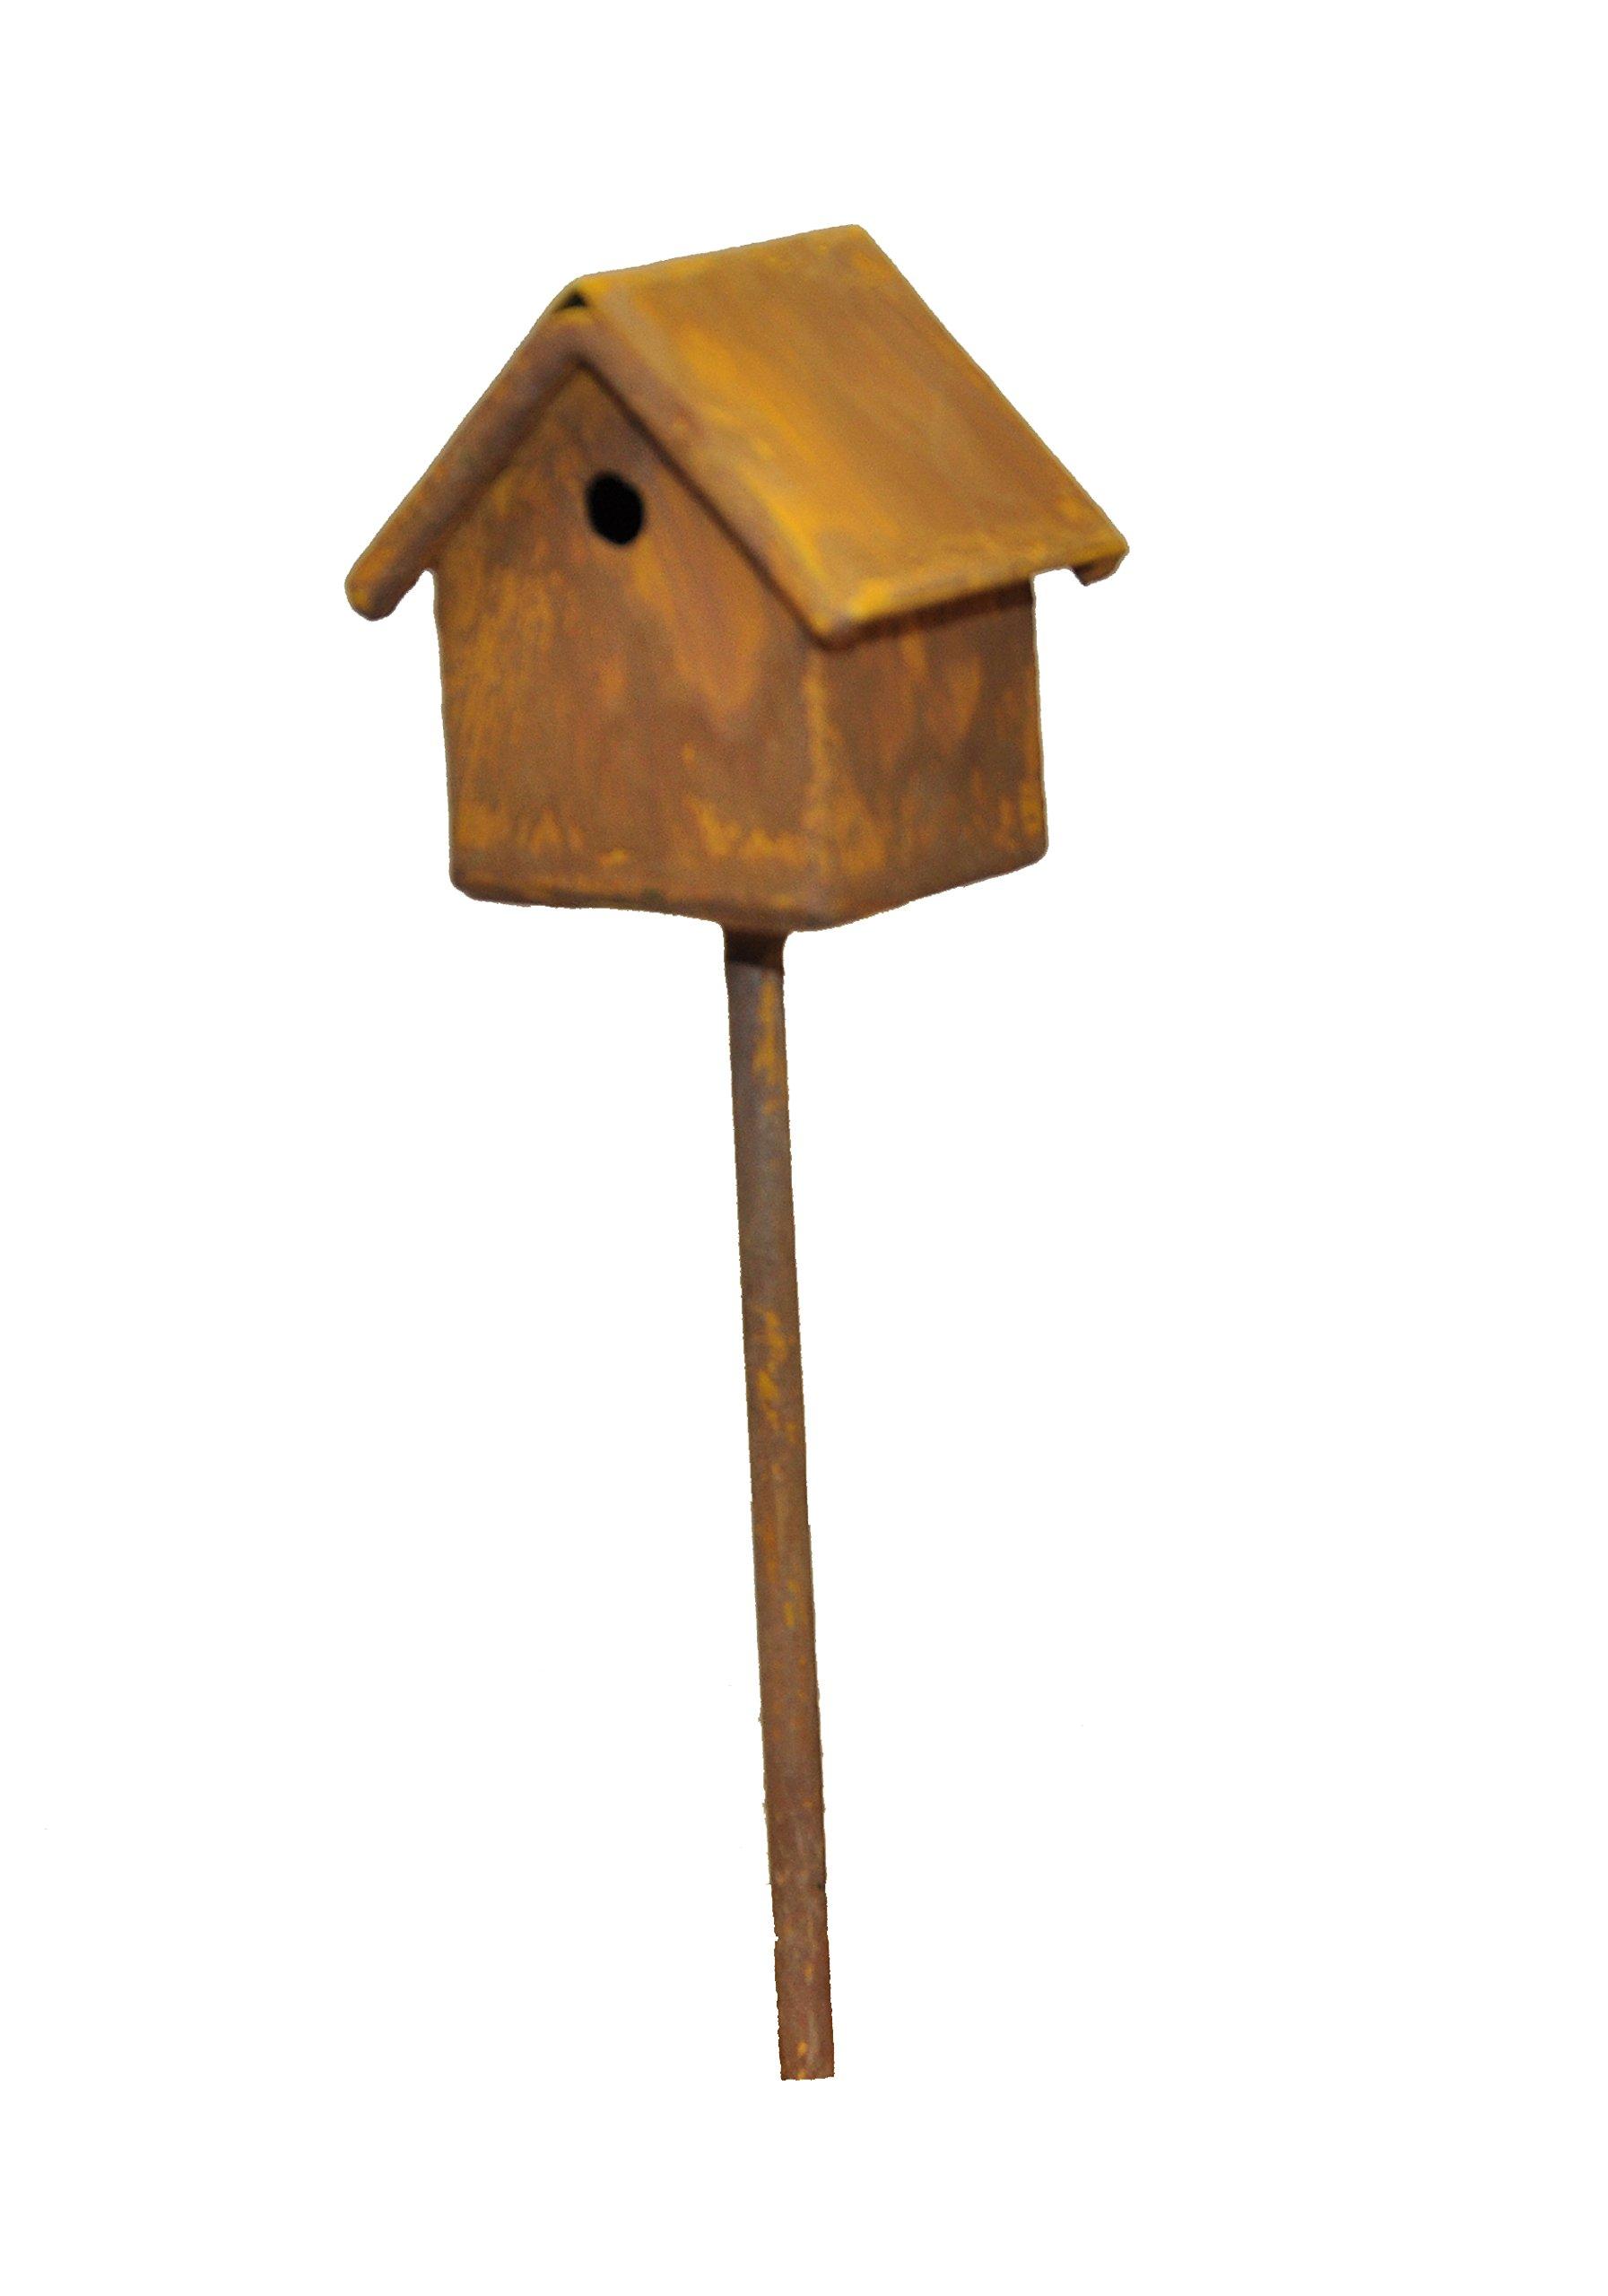 G & F MiniGardenn 10020 Fairy Garden Miniature Bird House Pick